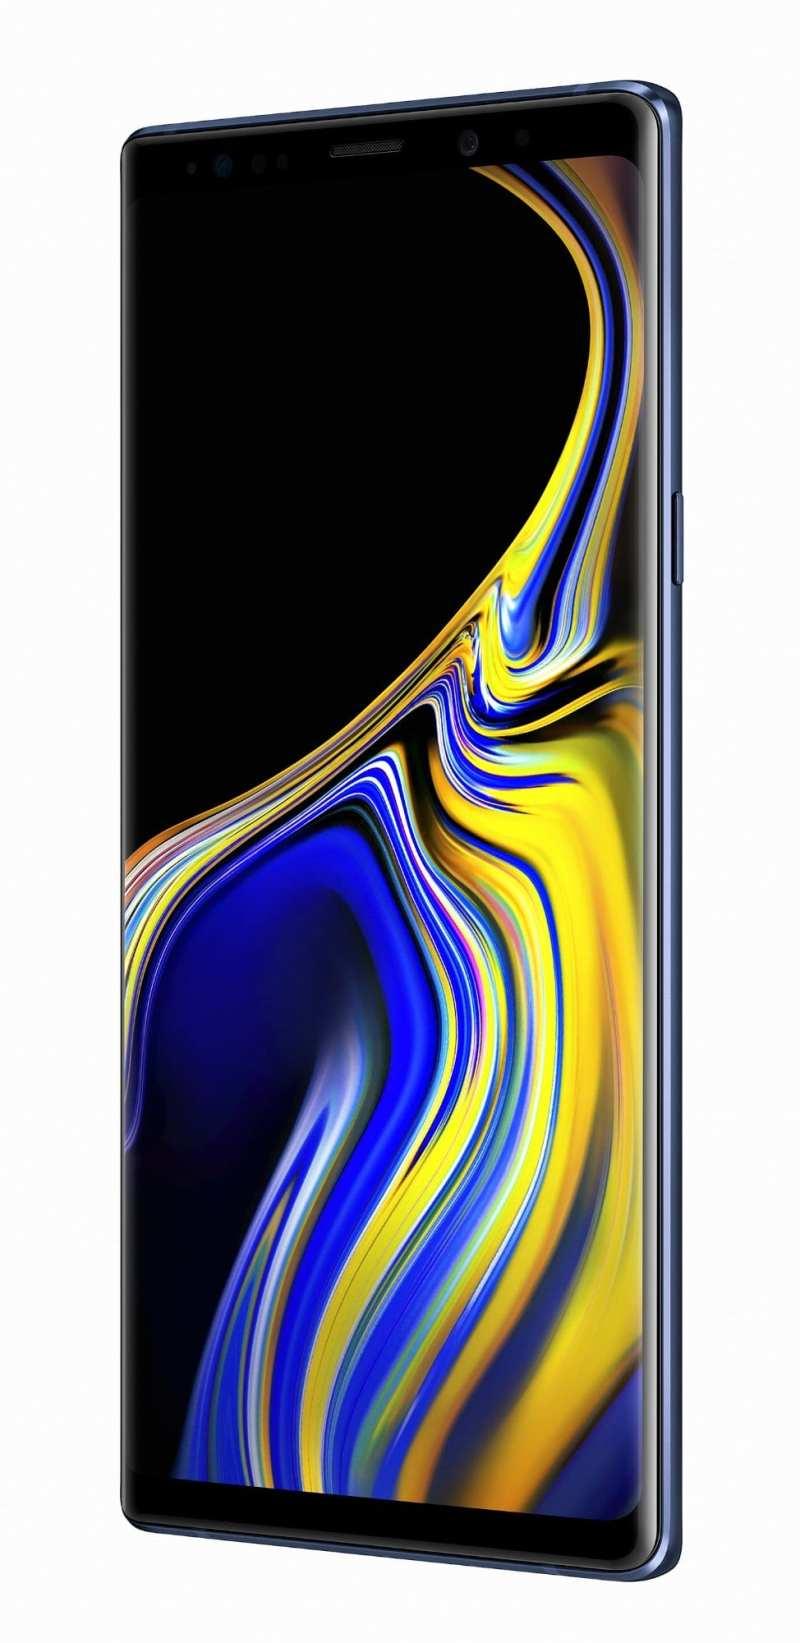 photostudio 15350328102242685094060487865492 - Ya está disponible el nuevo Samsung Note9